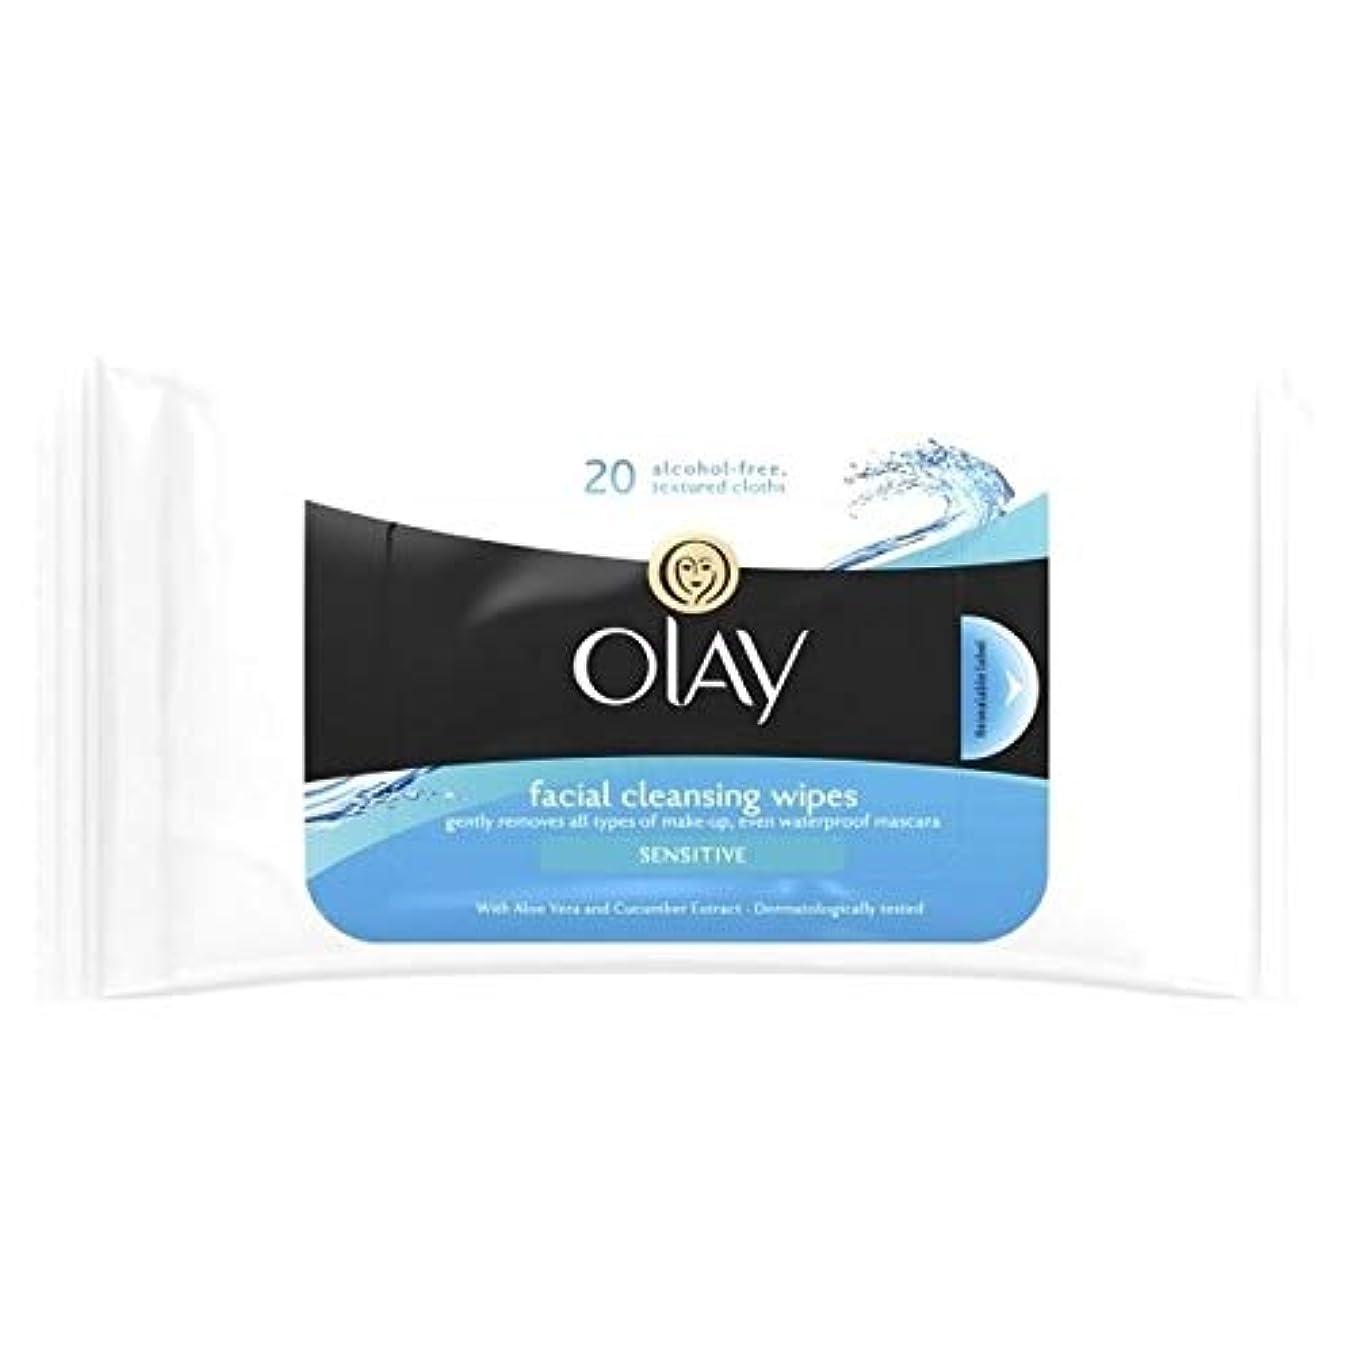 掃く視聴者の中で[Olay ] 顔面Reaseableクレンジングクロス敏感な20のワイプ - Facial Reaseable Cleansing Cloths Sensitive 20 Wipes [並行輸入品]